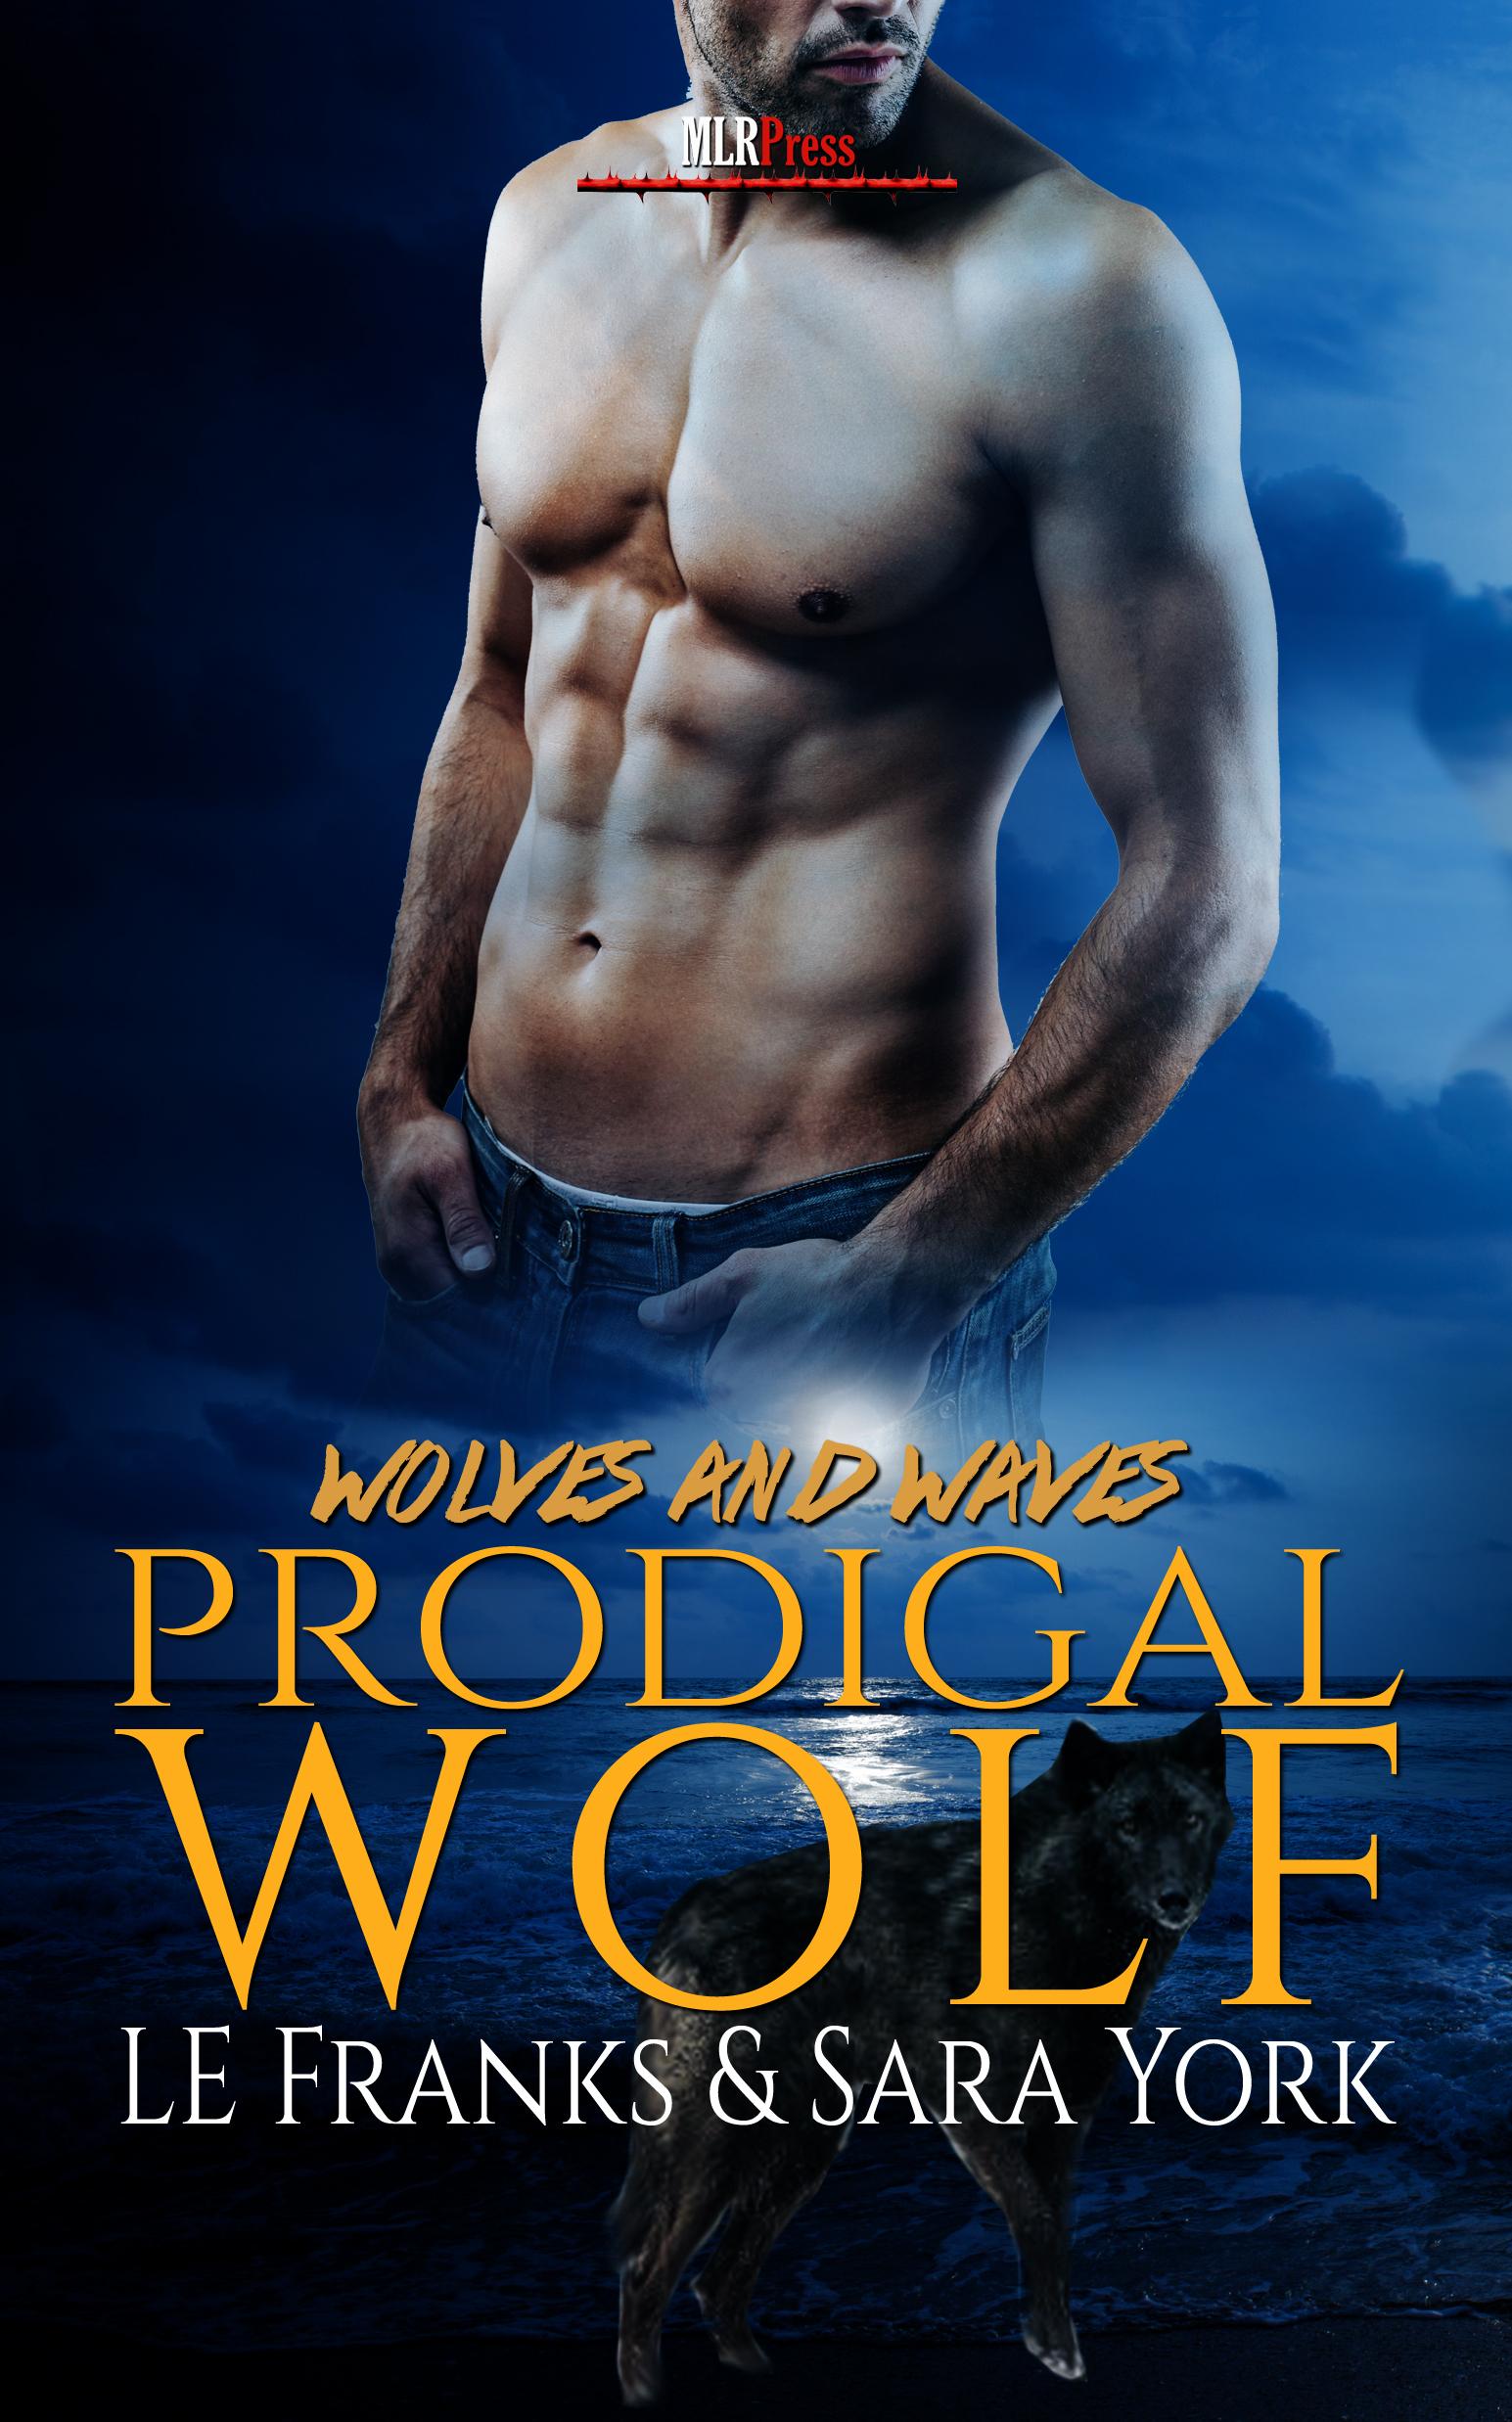 Prodigal Wolf